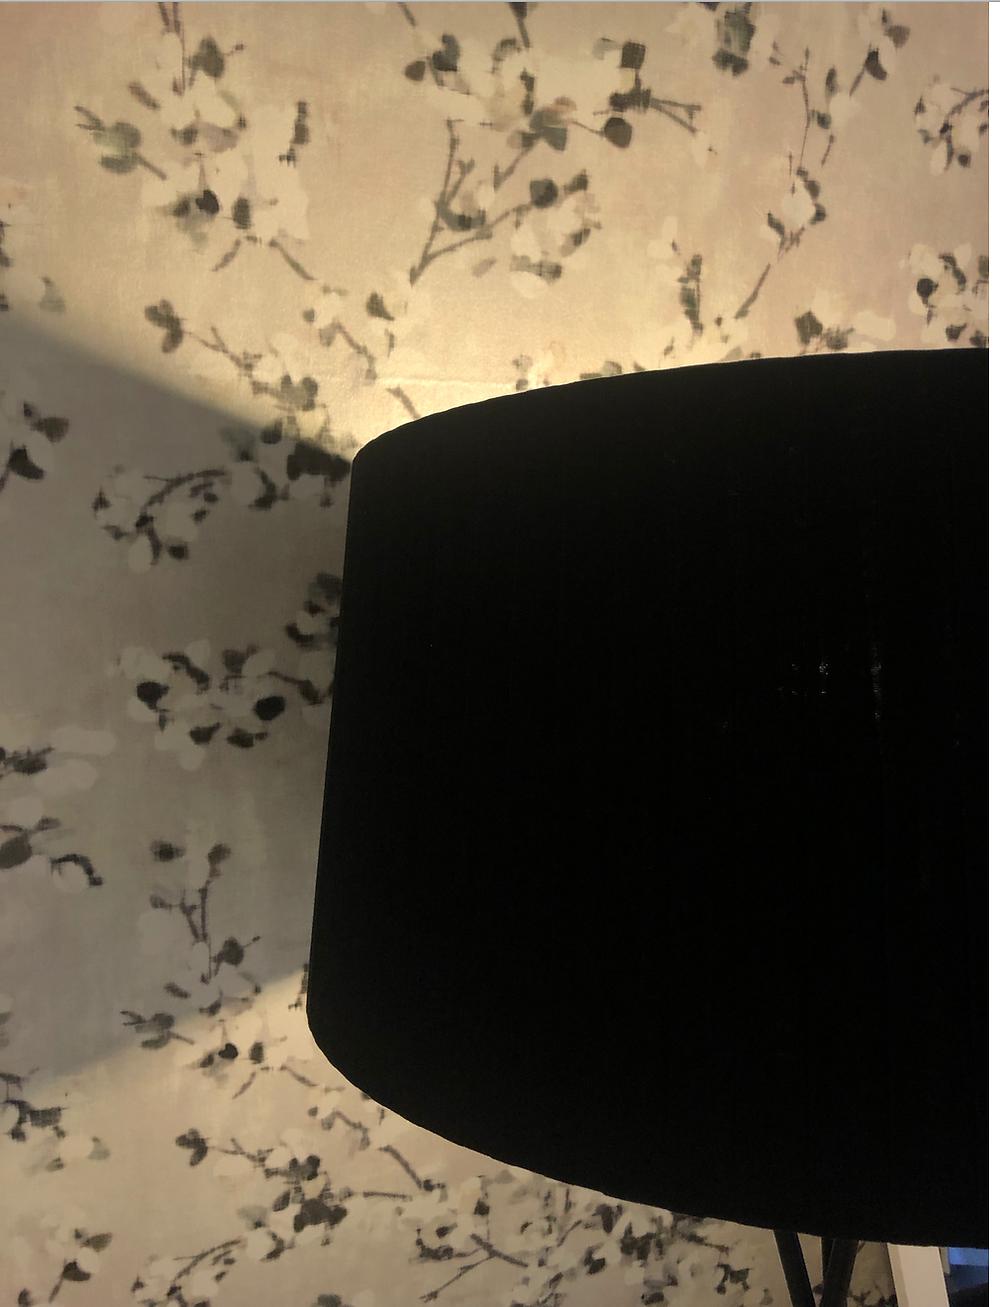 リビングは、ROMOの美しい壁紙に張り替えました。合わせて黒いセードのスタンド照明(ルミナベッラのトライポッド)でシックに。インテリアコーディネーターのブログ。